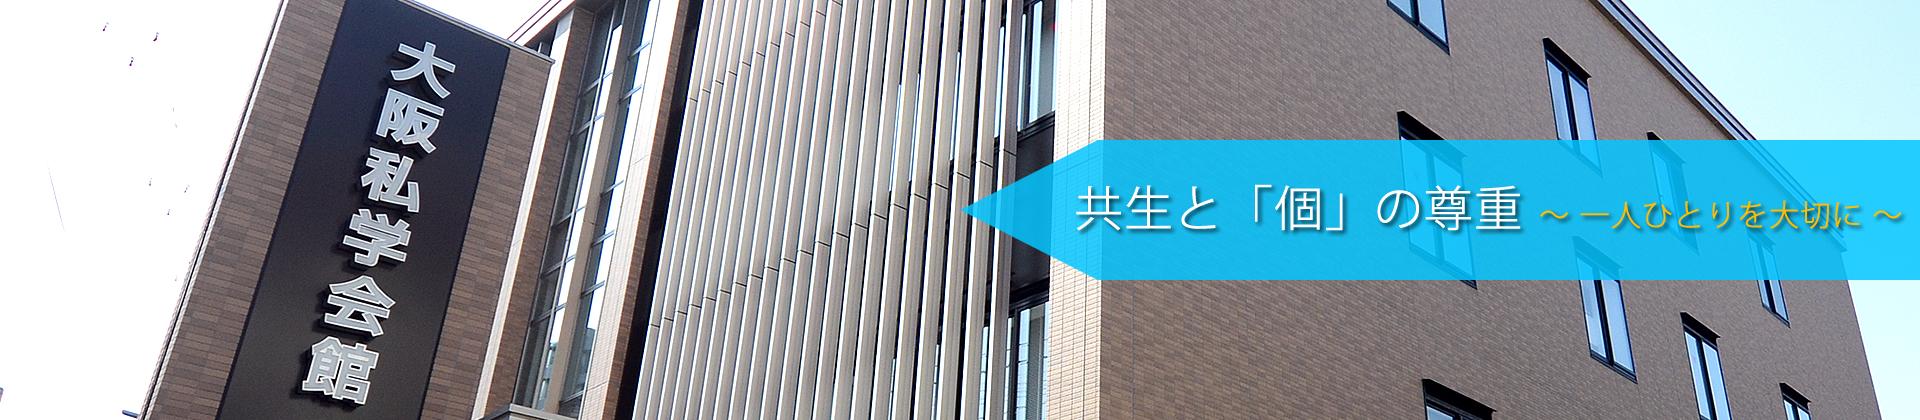 大阪私立学校人権教育研究会